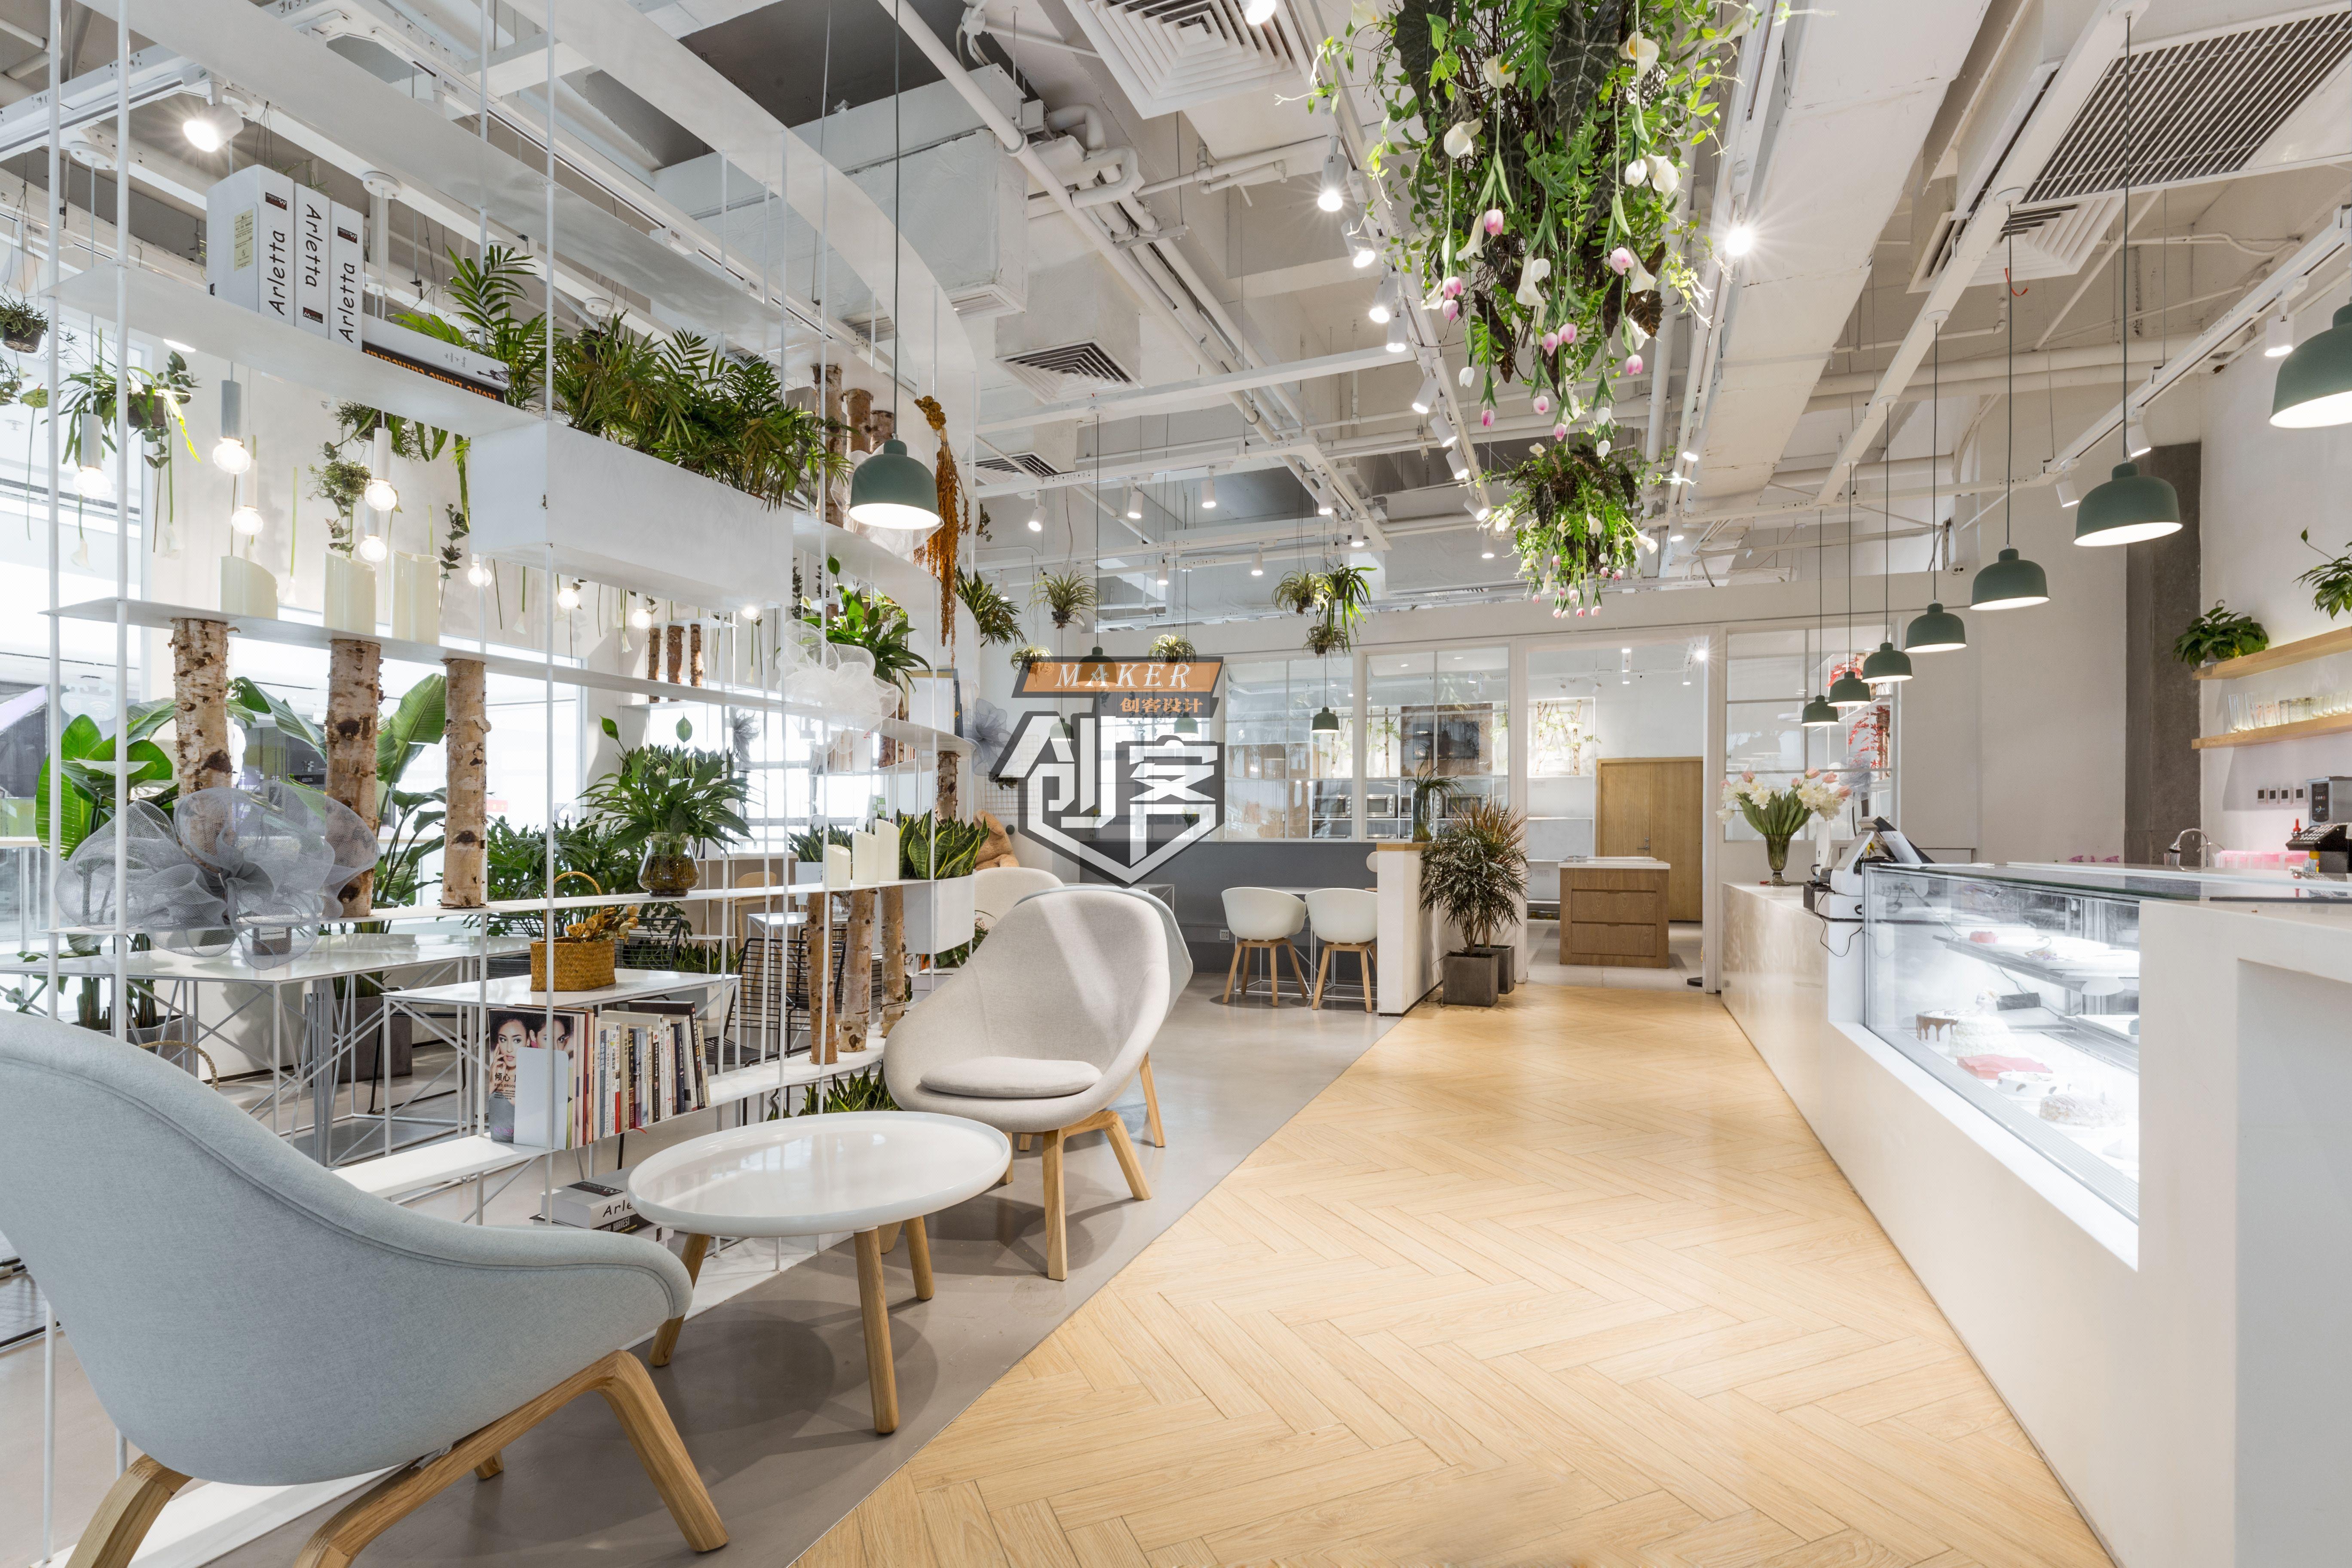 店铺设计装修设计室内设计展厅效果图设计展厅餐饮店面门面设计